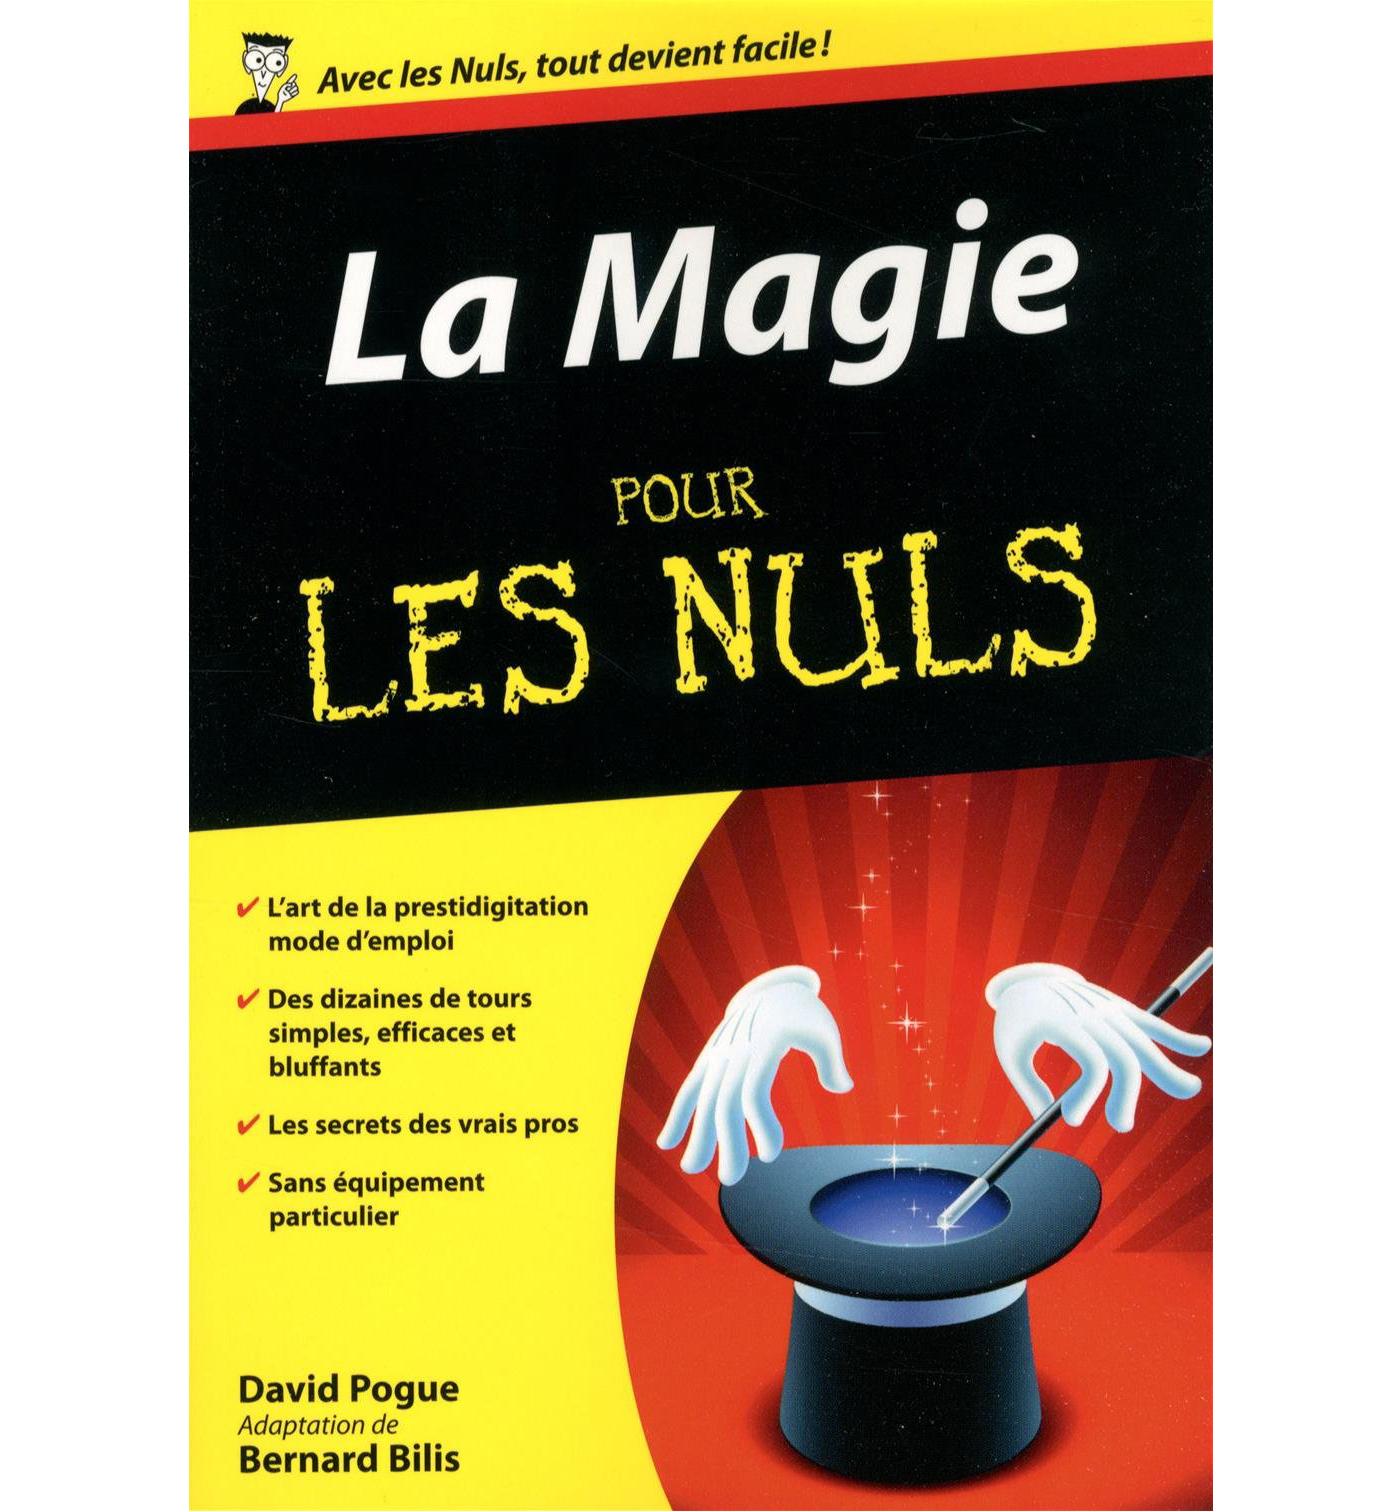 Pour apprendre la magie depuis zéro